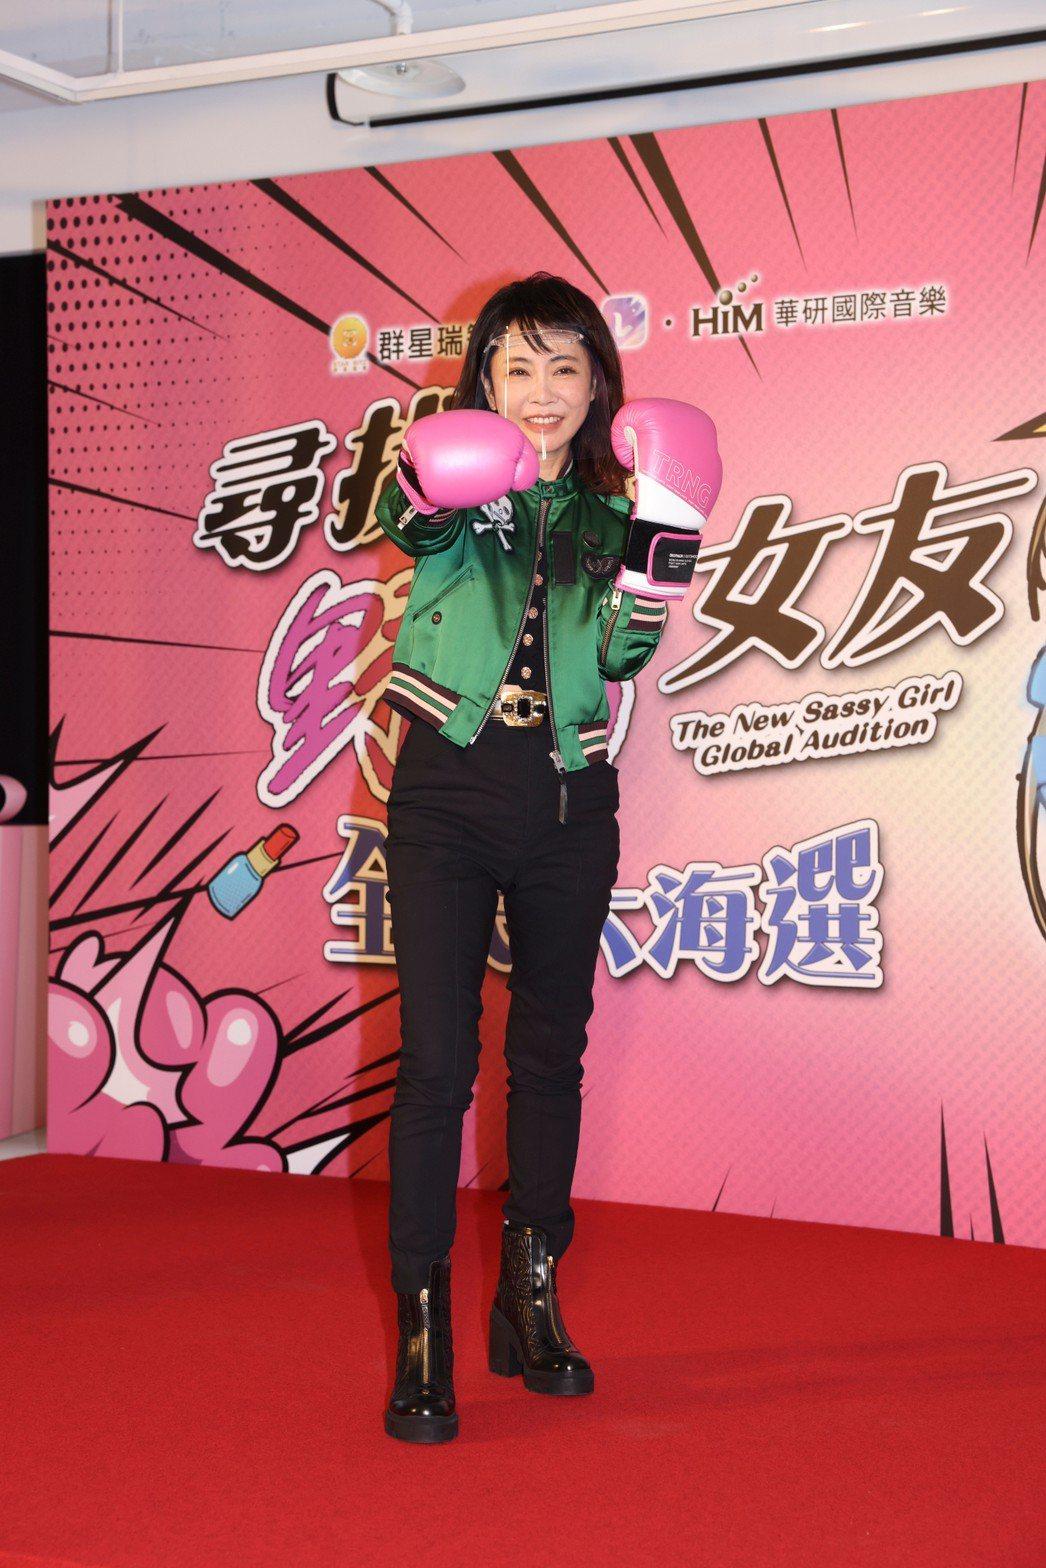 偶像教母柴智屏拿下華語版「我的野蠻女友」版權。記者王聰賢/攝影